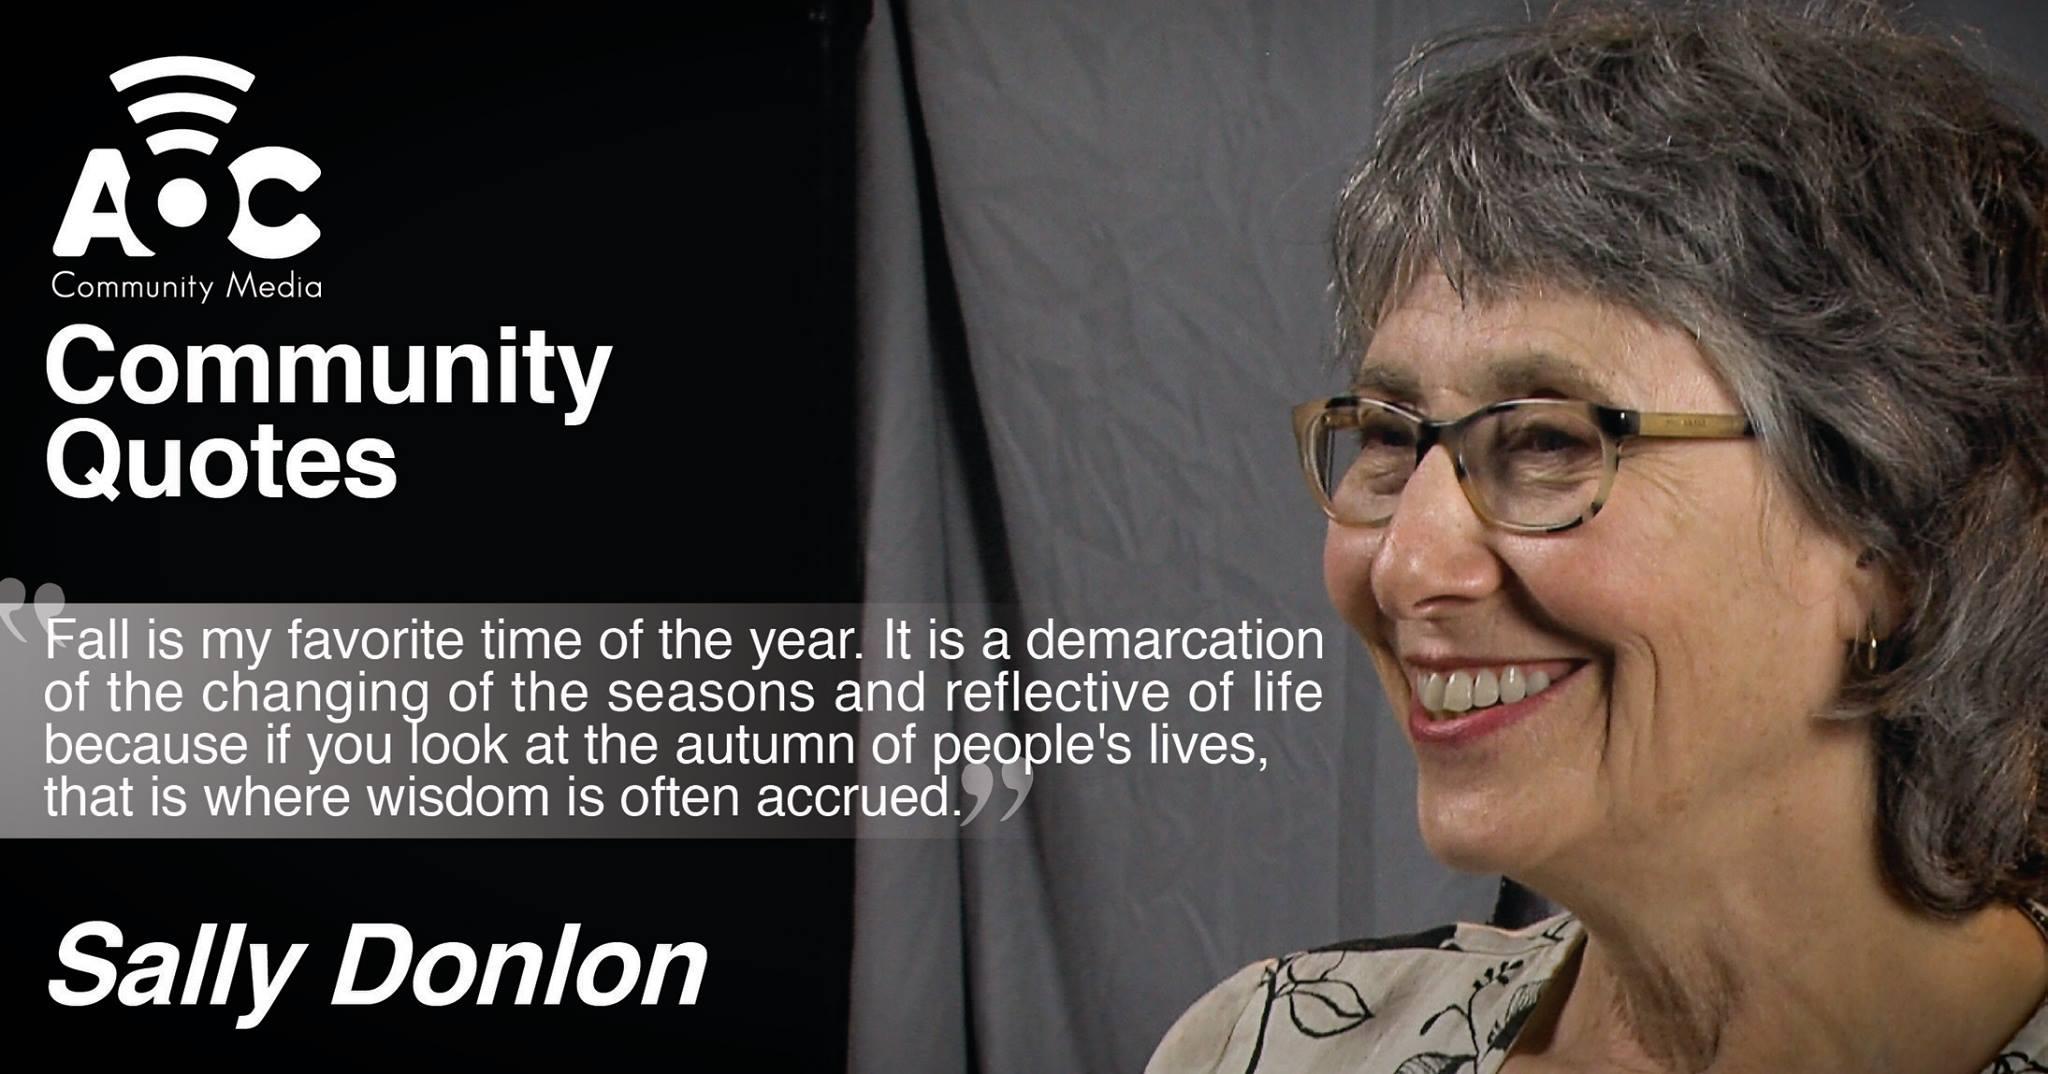 Sally Donlon